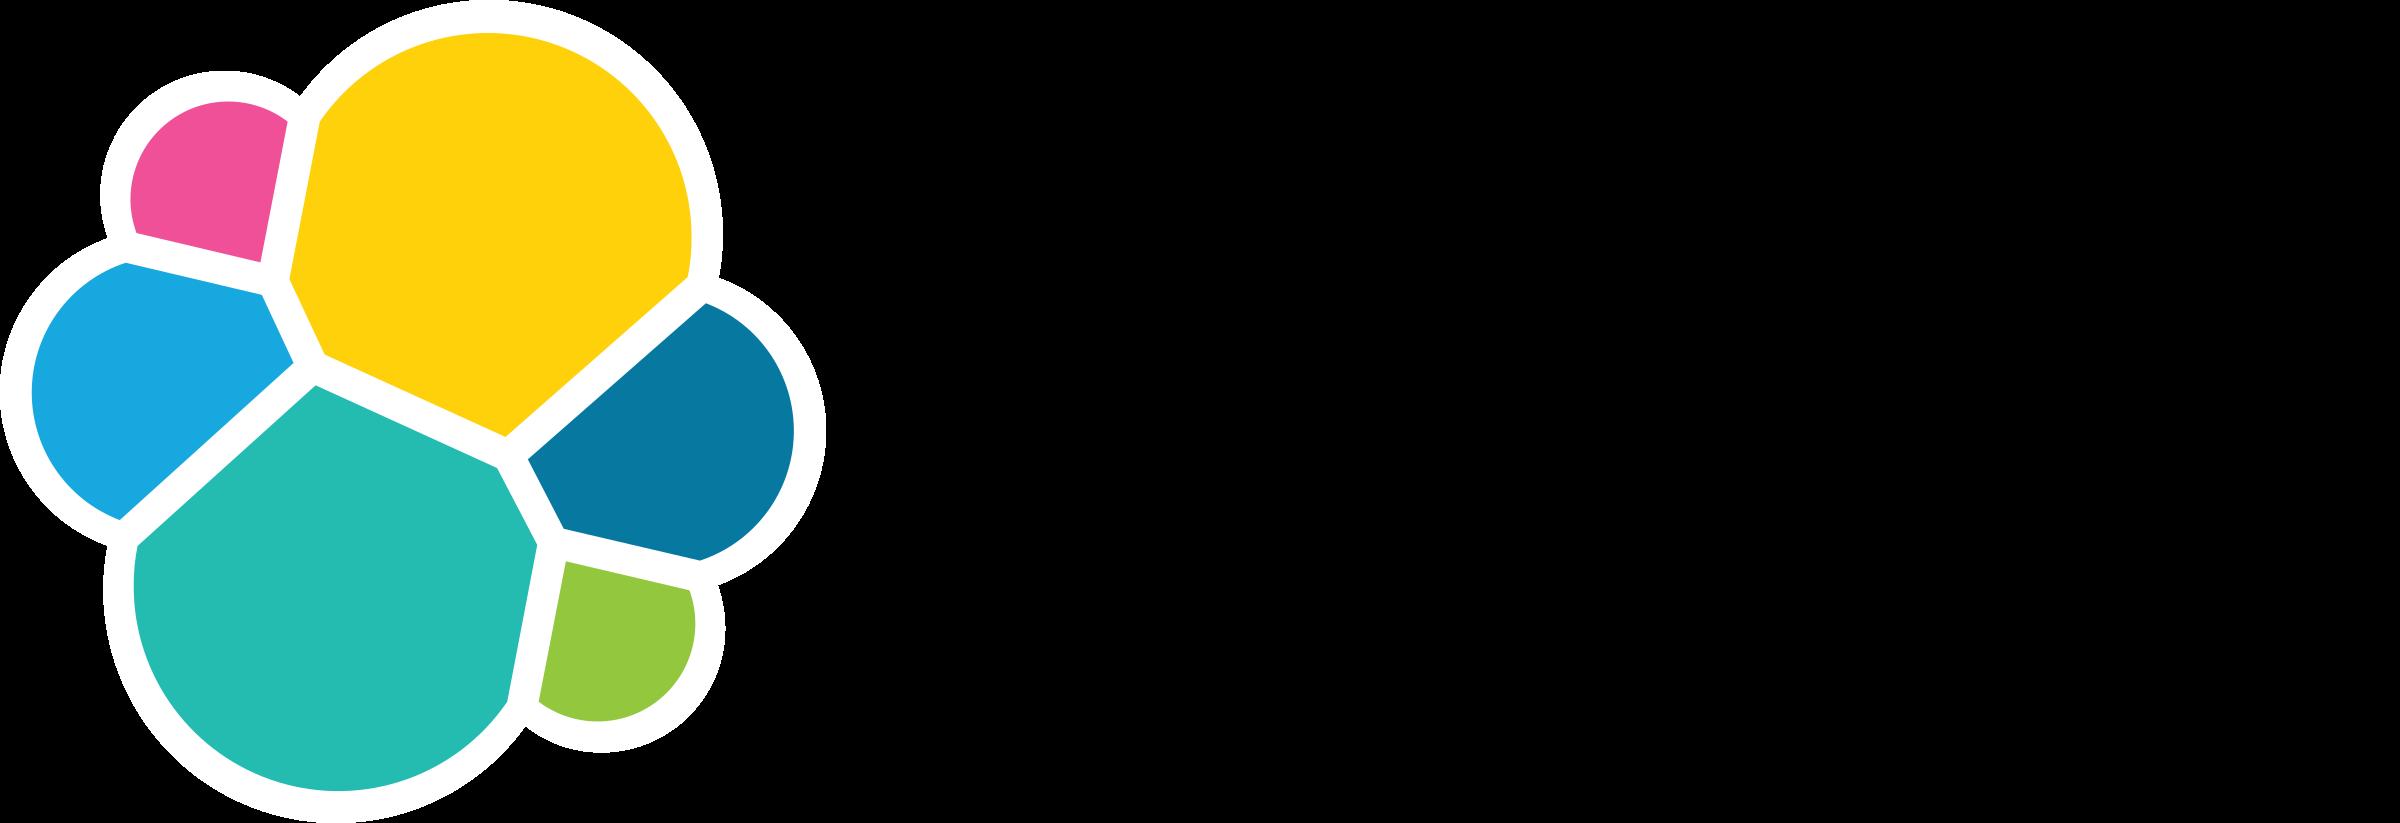 Elastic Logo PNG Transparent & SVG Vector